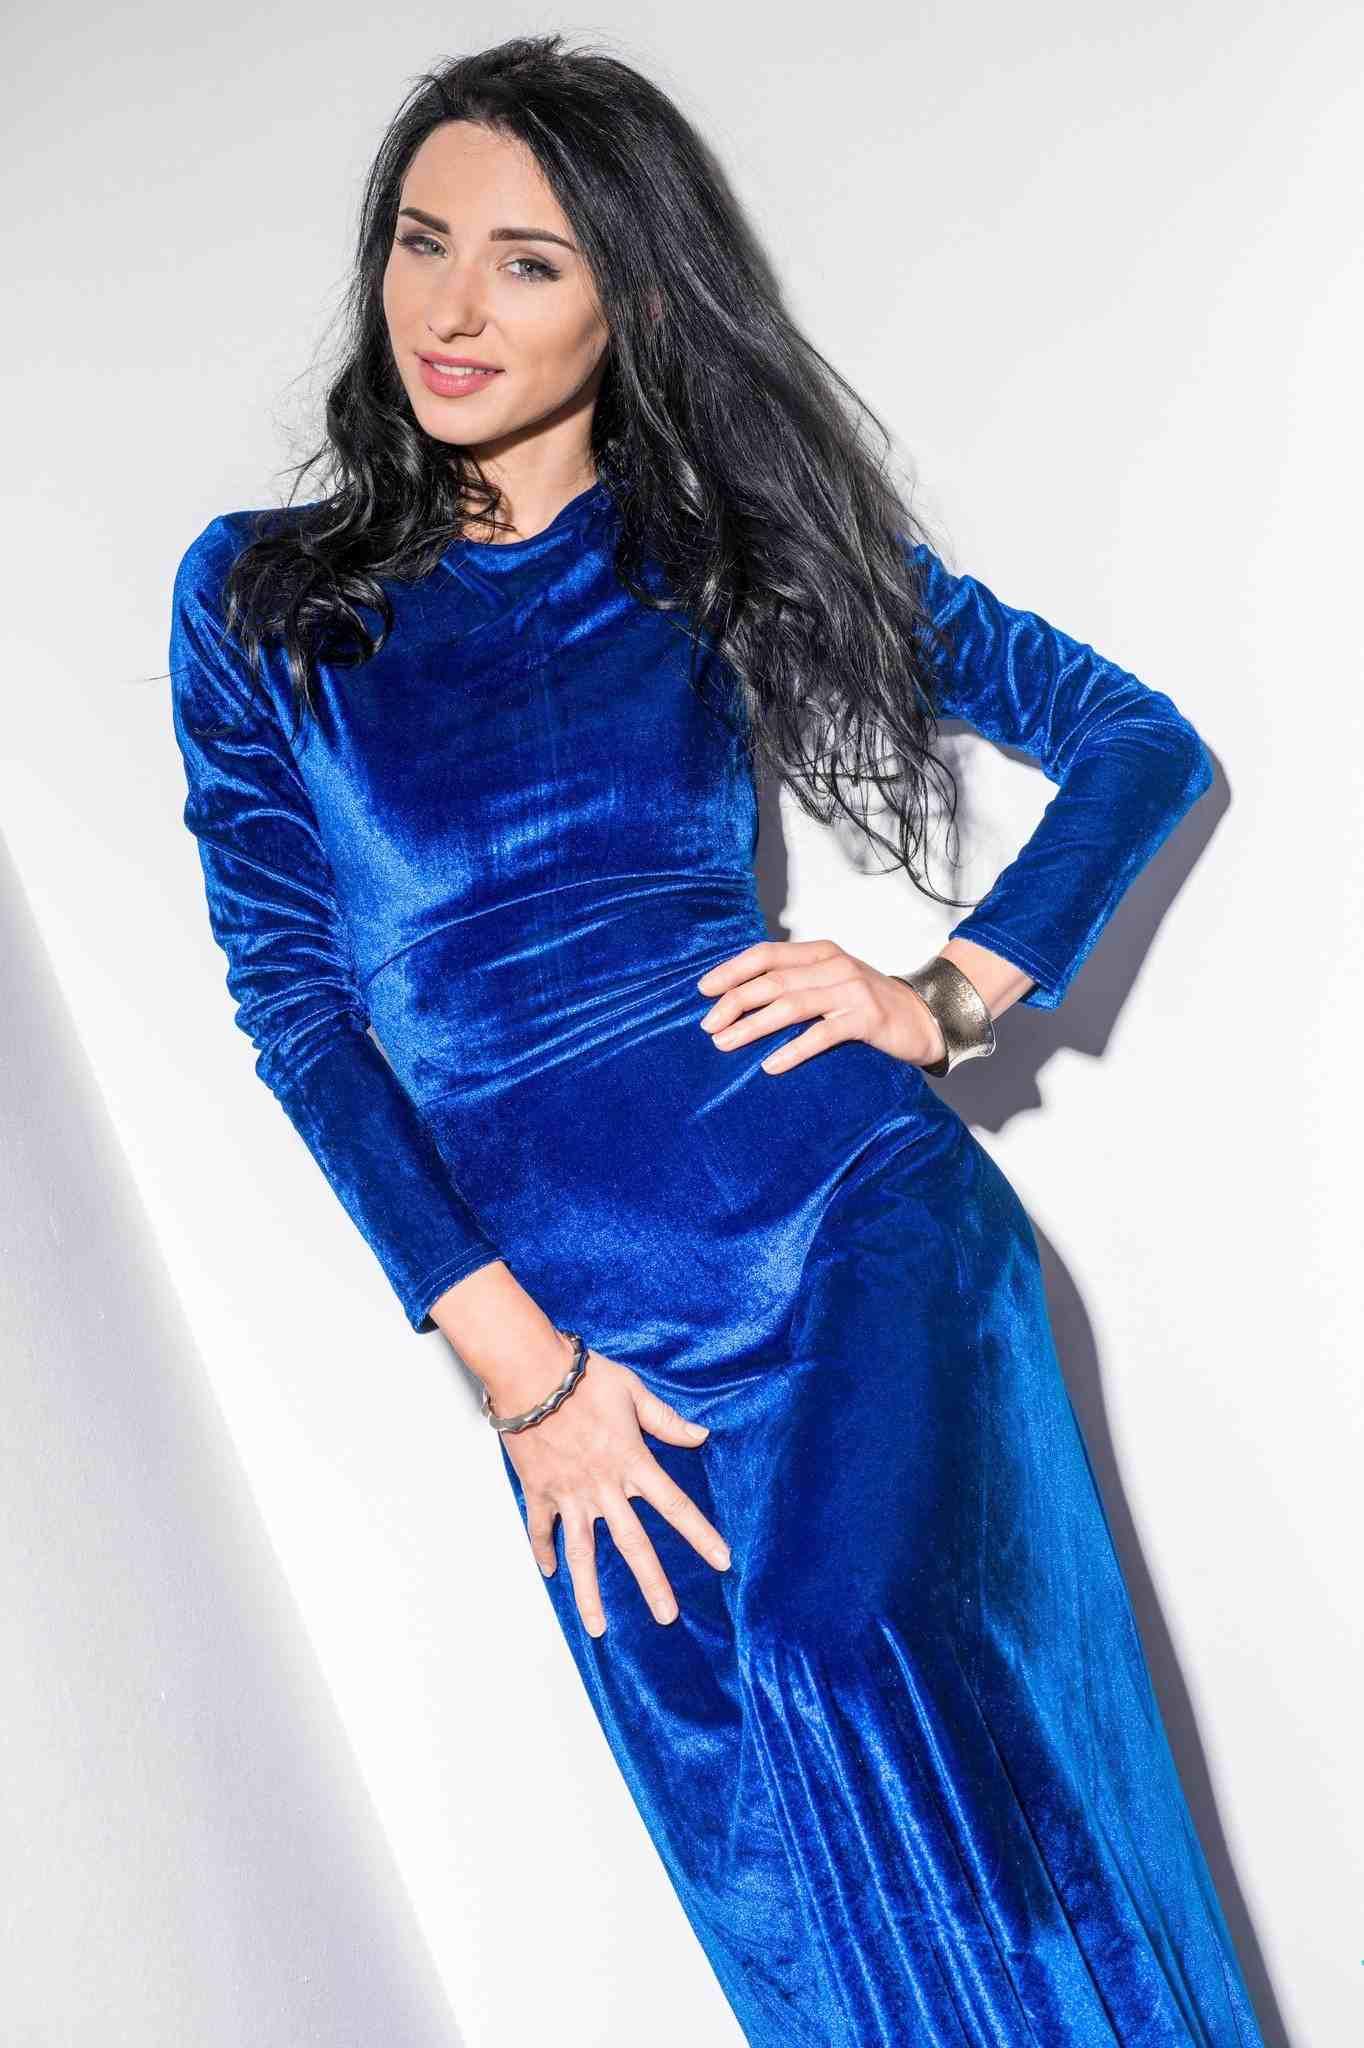 Angelina Lee